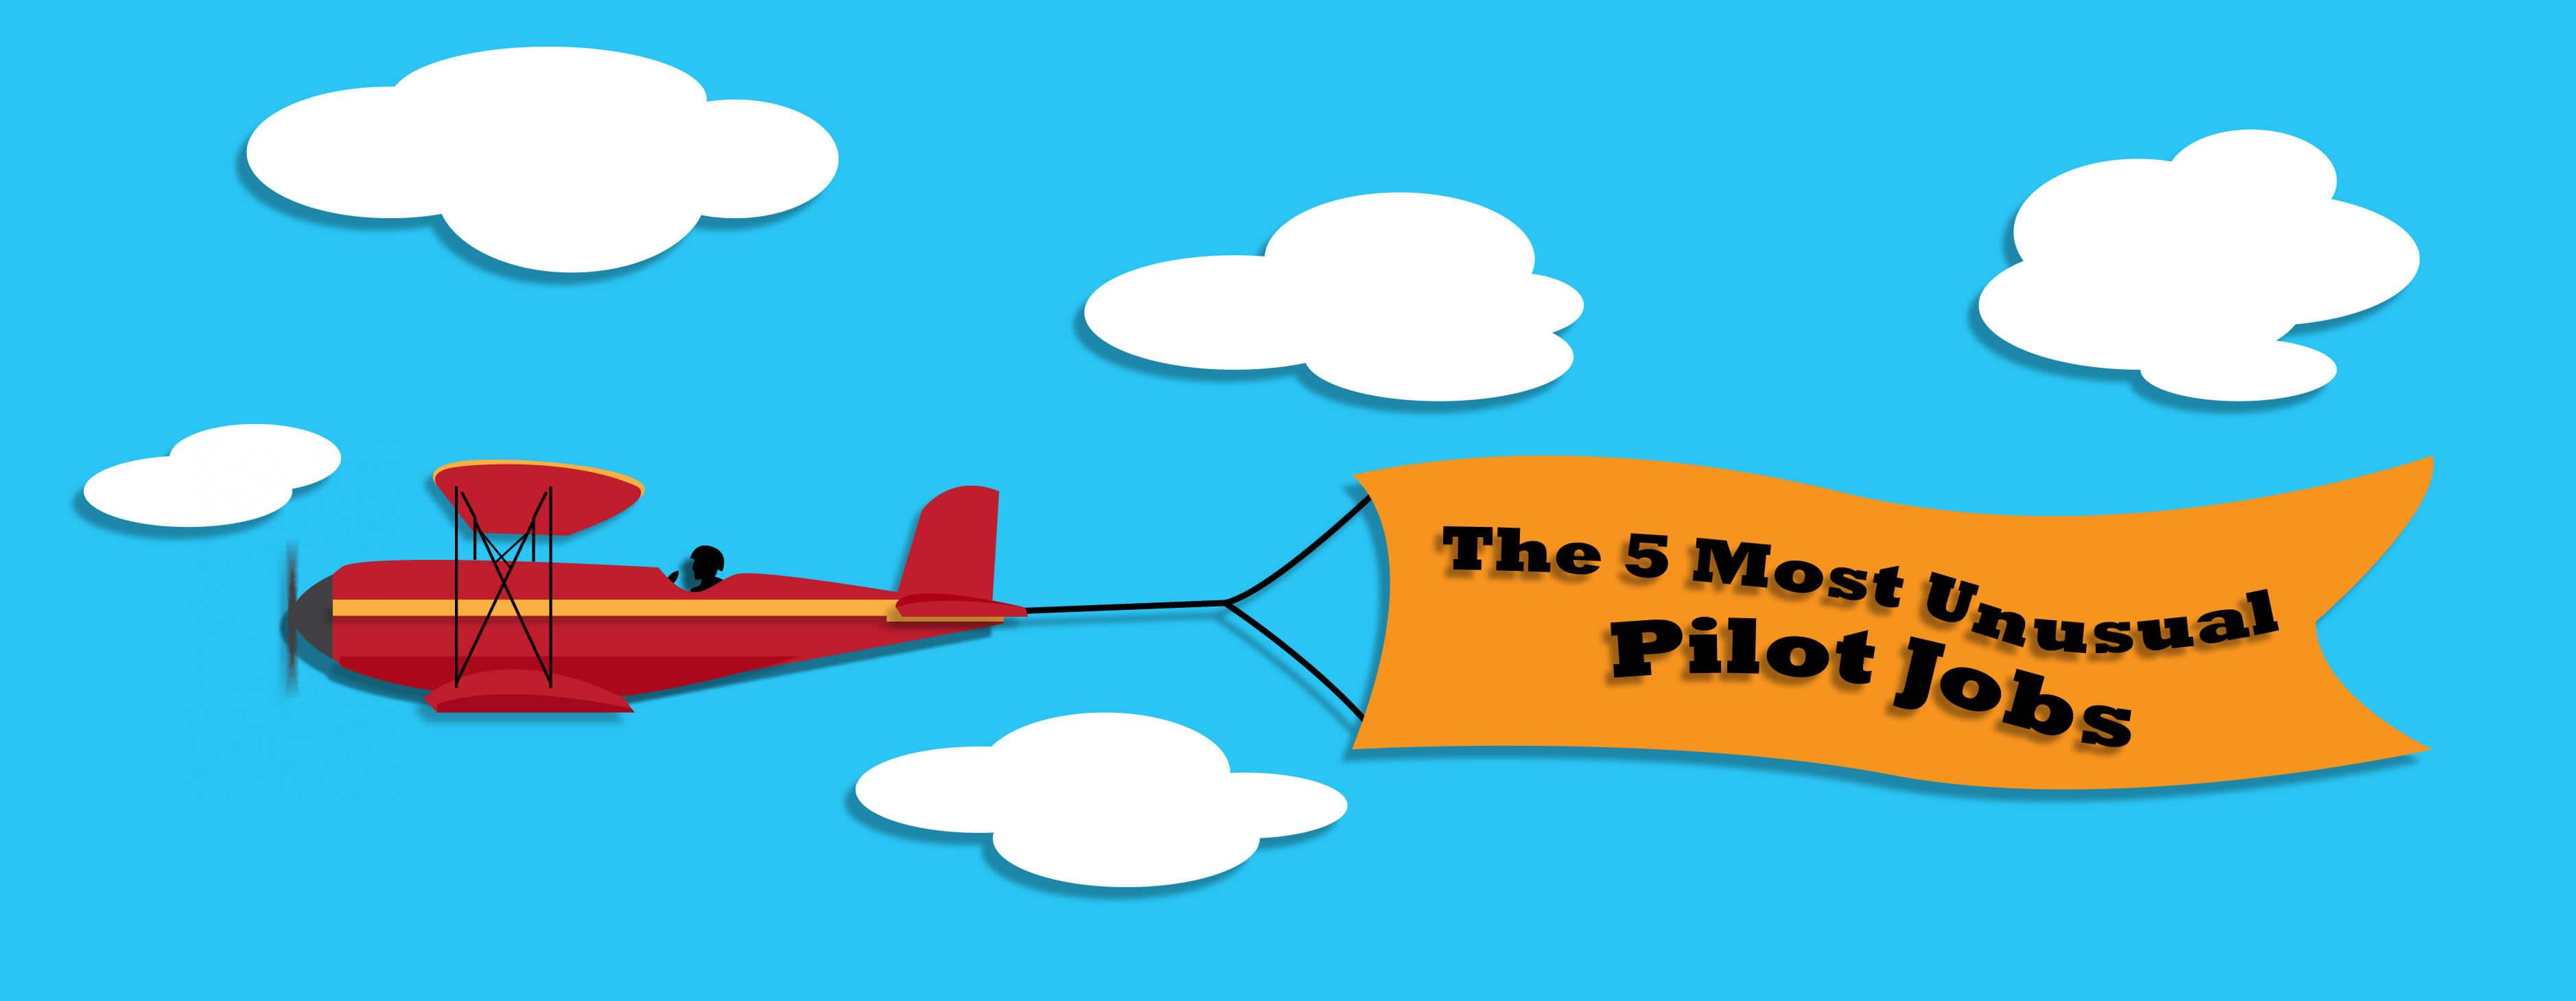 The 5 Most Unusual Pilot Jobs.